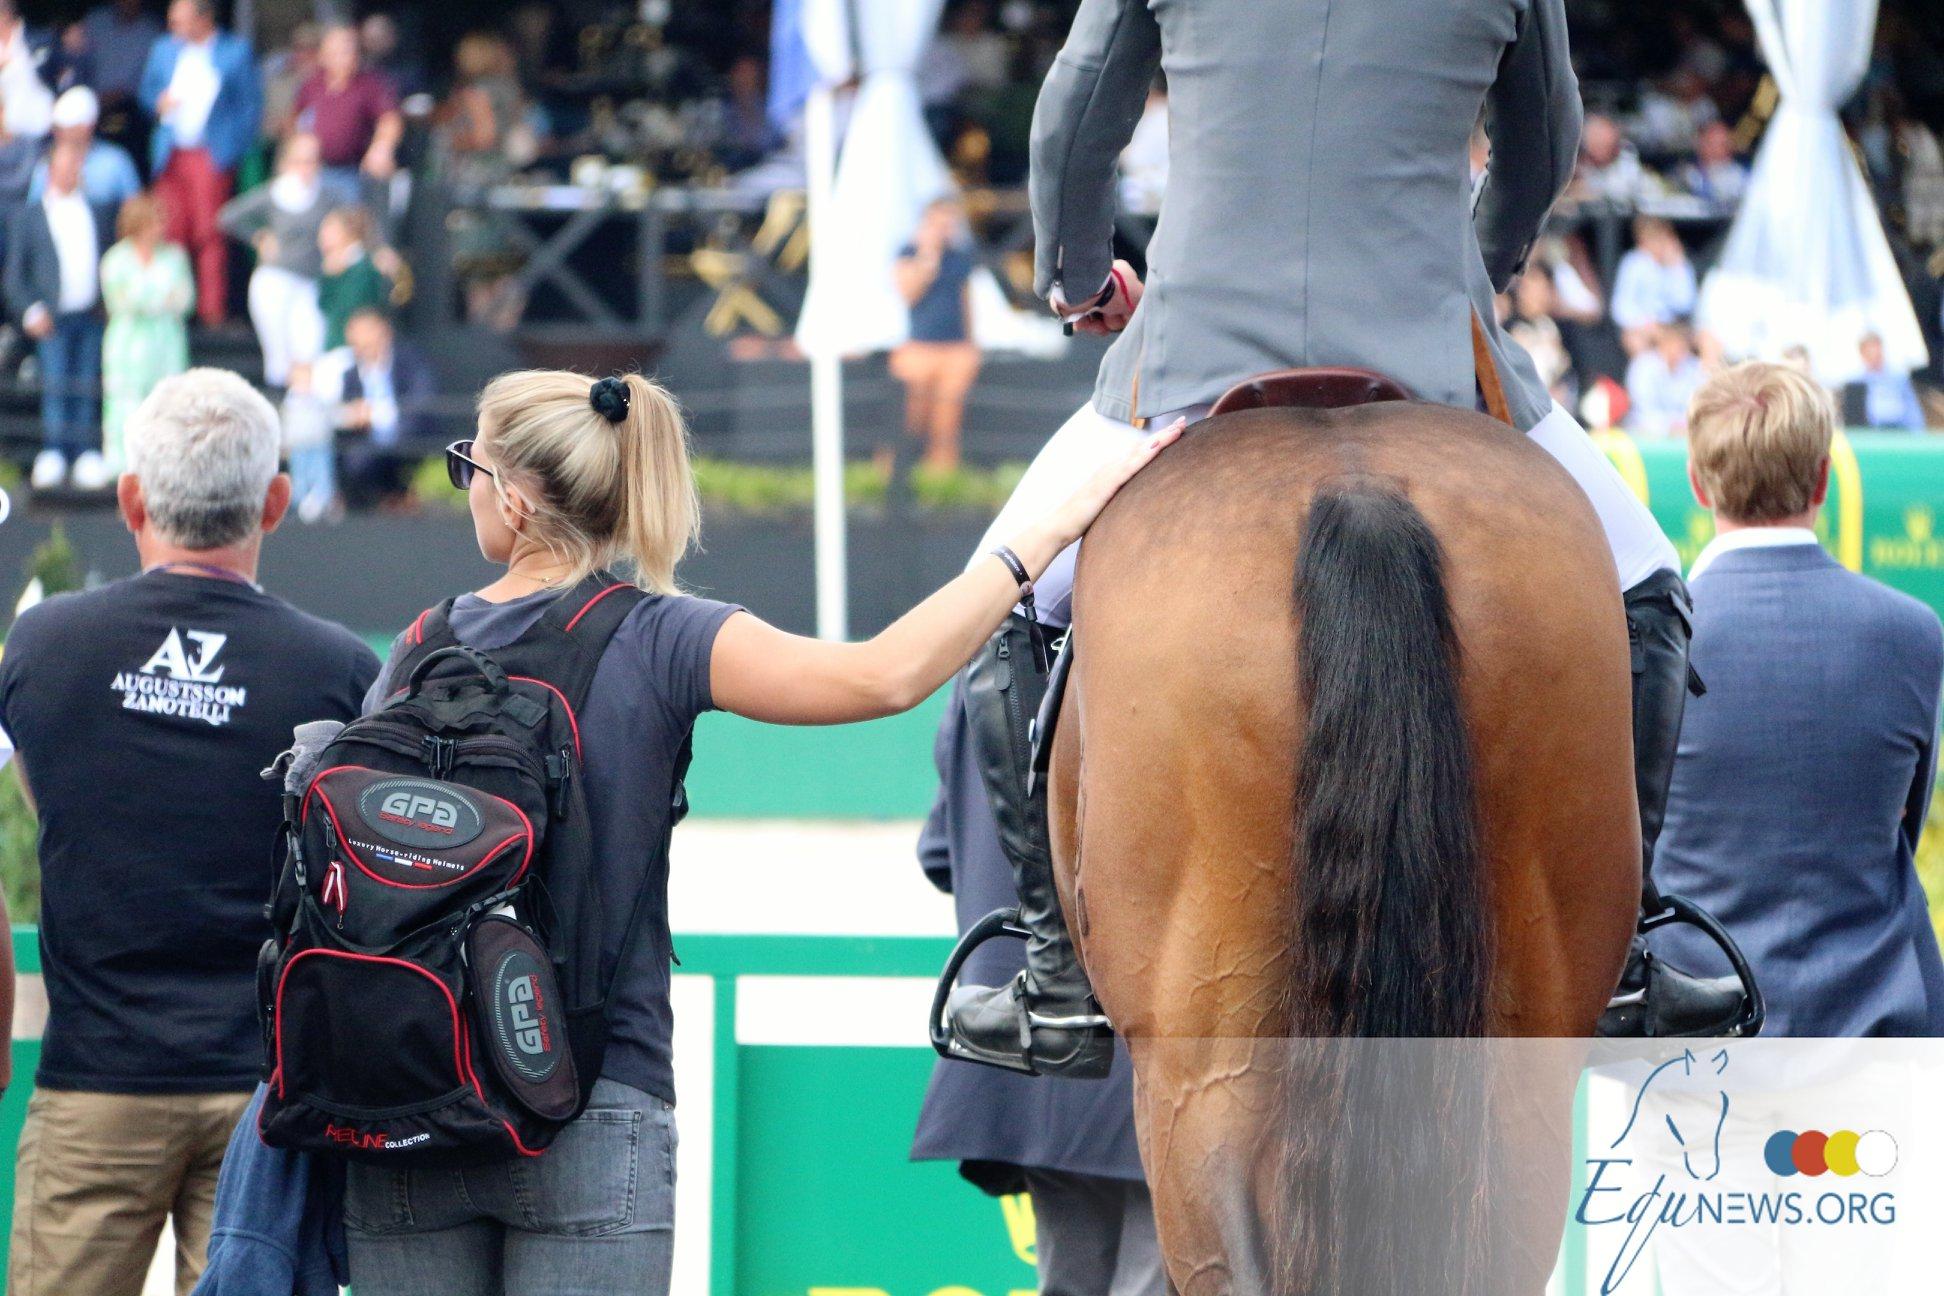 Le grooming, le job de rêve pour tous les passionnés de chevaux. Mais quels sont vos droits et combien pouvez-vous gagner ?